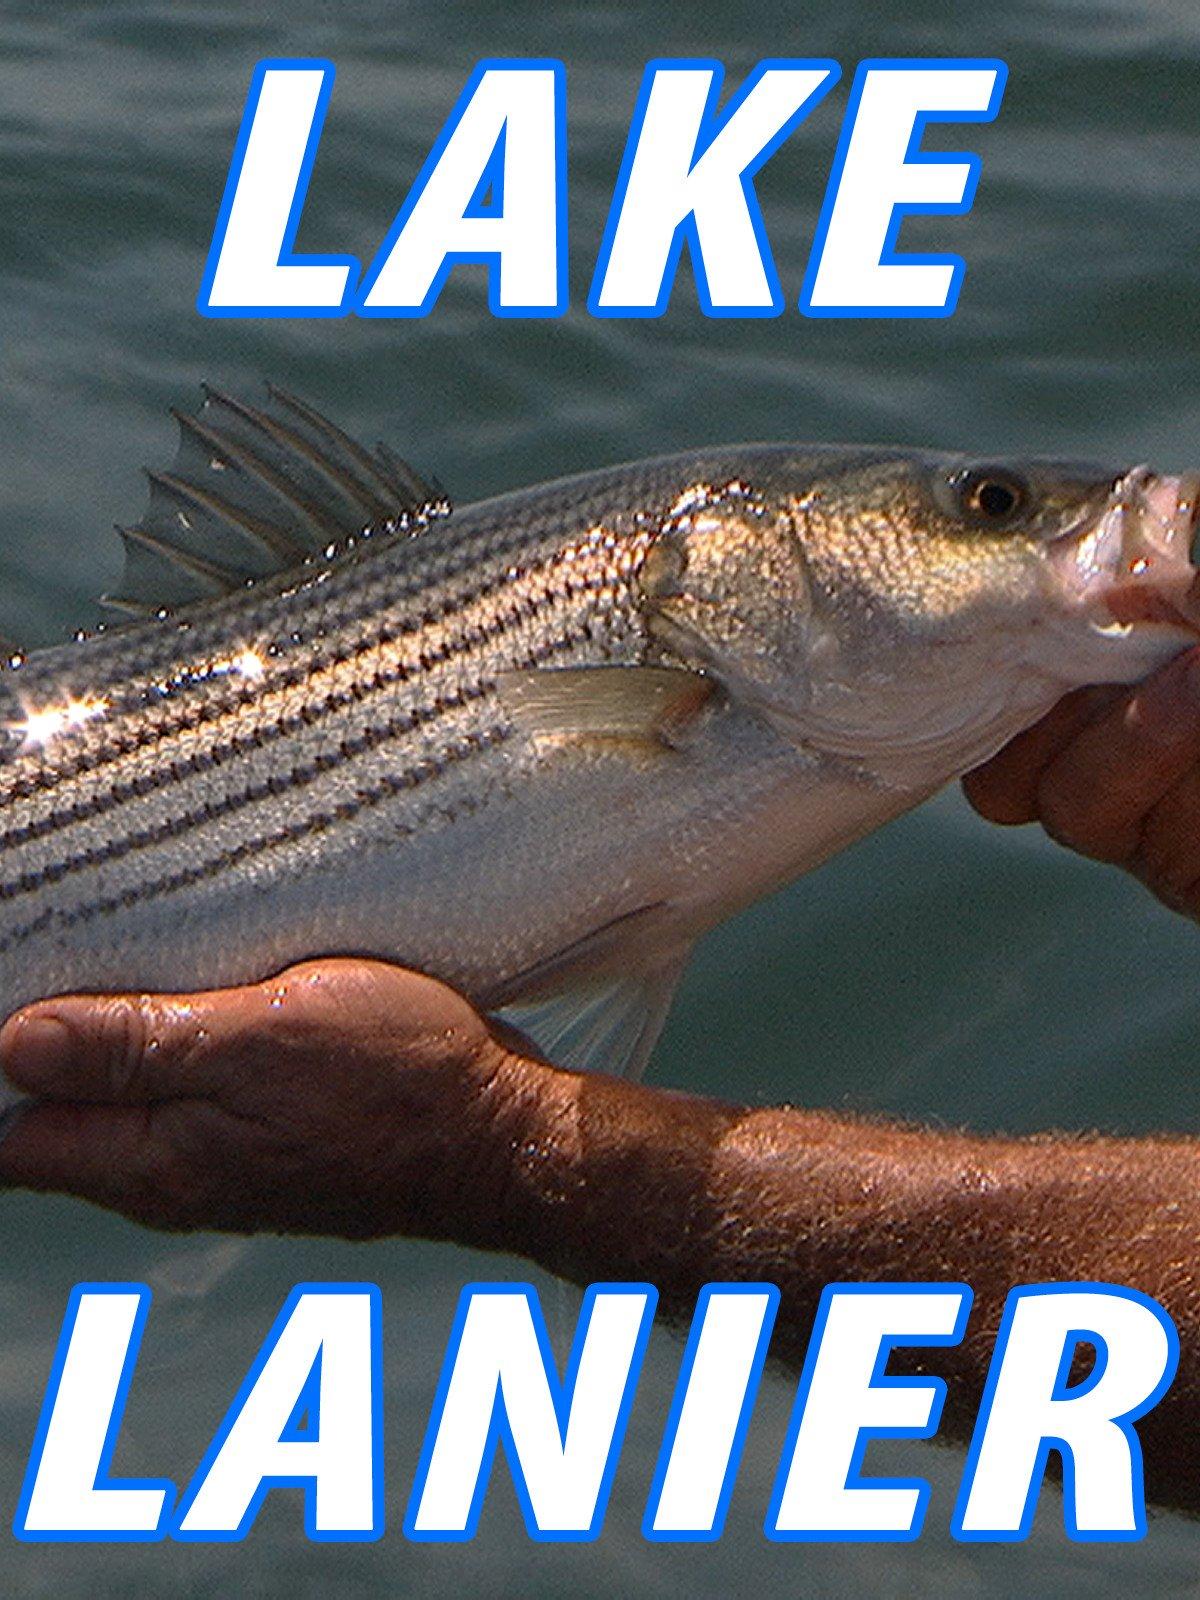 Clip: Lake Lanier